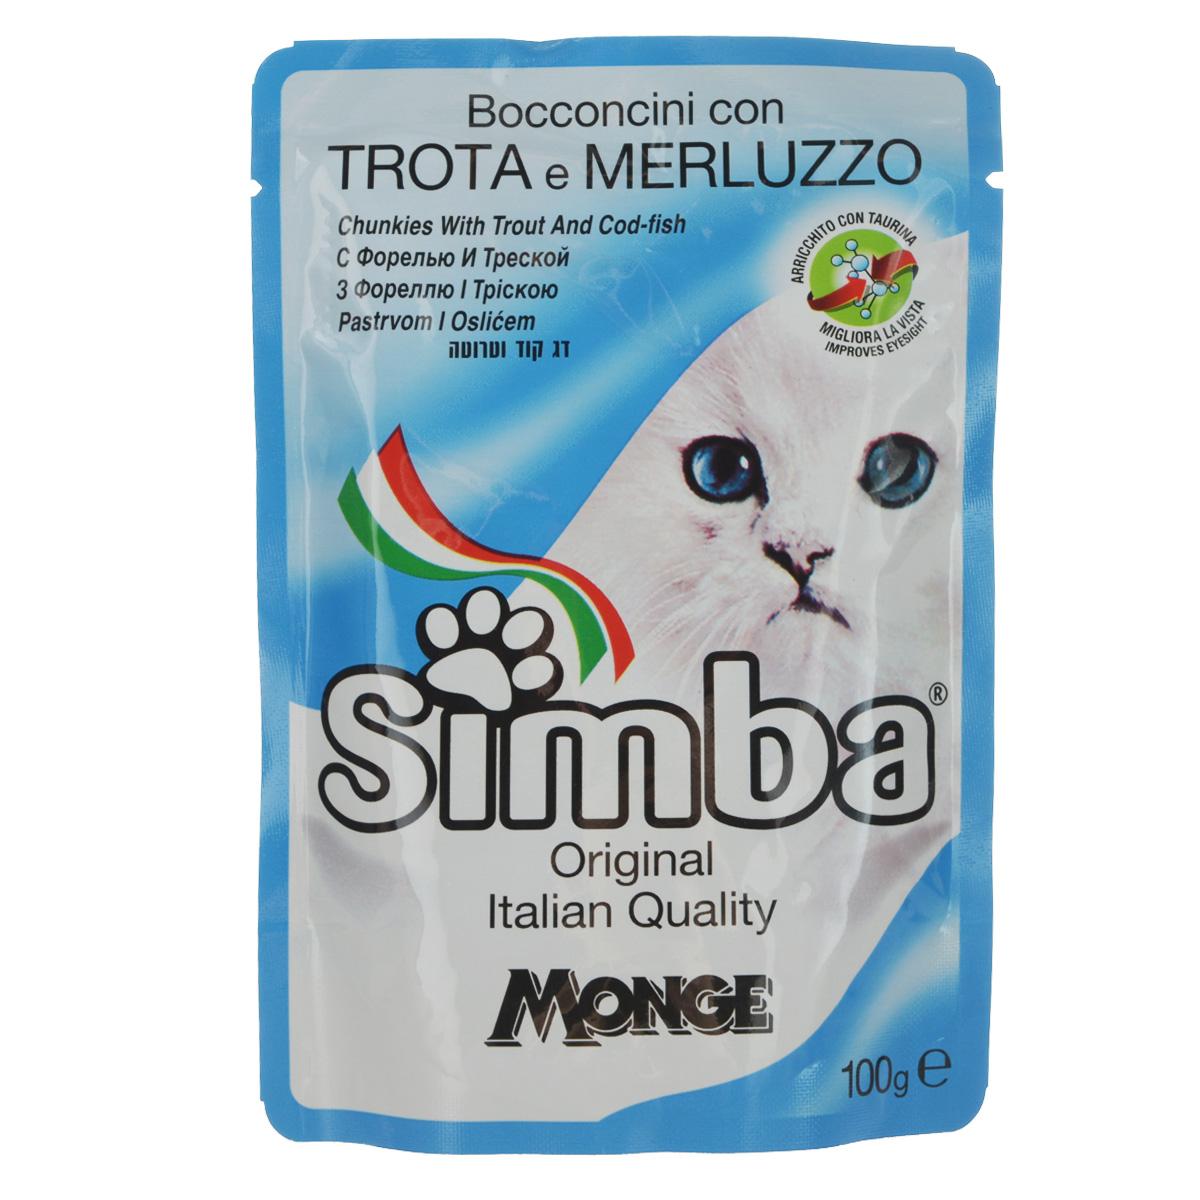 Консервы Monge Simba для взрослых кошек, с форелью и треской, 100 г70009362Консервы Monge Simba для взрослых кошек тщательно приготовлены из итальянского мяса и рыбы. Без добавления консервантов и антиоксидантов. Экологически чистое производство гарантирует высочайшее качество и длительные сроки хранения консервов. Тщательный отбор сырья и содержащийся в нем полный набор витаминов и микроэлементов обеспечивает отличную усвояемость и отсутствие проблем с пищеварением у ваших любимых питомцев.Состав: рыба и рыбные субпродукты 13%, (форель мин. 4,2%, треска мин. 4,2%), минеральные вещества, витамины.Пищевая ценность: протеин 8,0%, жир 5,0%, зола 2,2%, клетчатка 1,0%, влажность 82%.Витамины: витамин А 2000 МЕ/кг, витамин D3 200 МЕ/кг, витамин Е (альфа-токоферол 91%) 5 мг/кг.Товар сертифицирован.